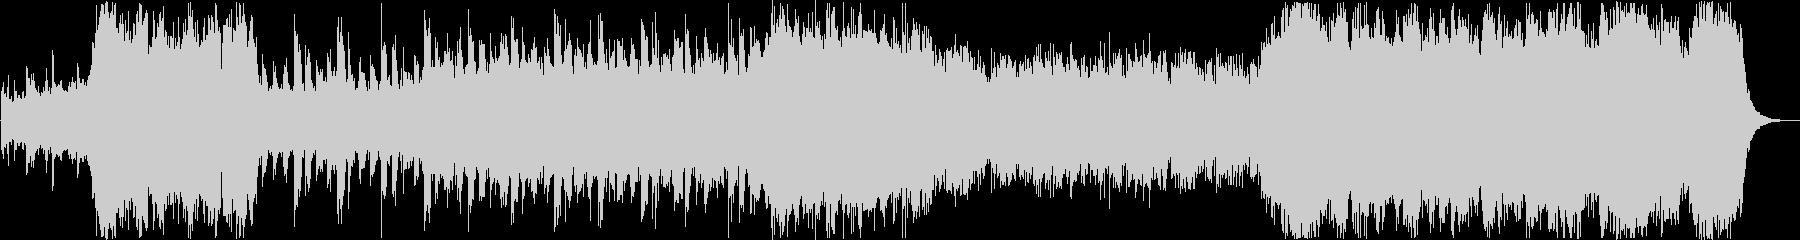 スケールの大きめなオーケストラ曲の未再生の波形